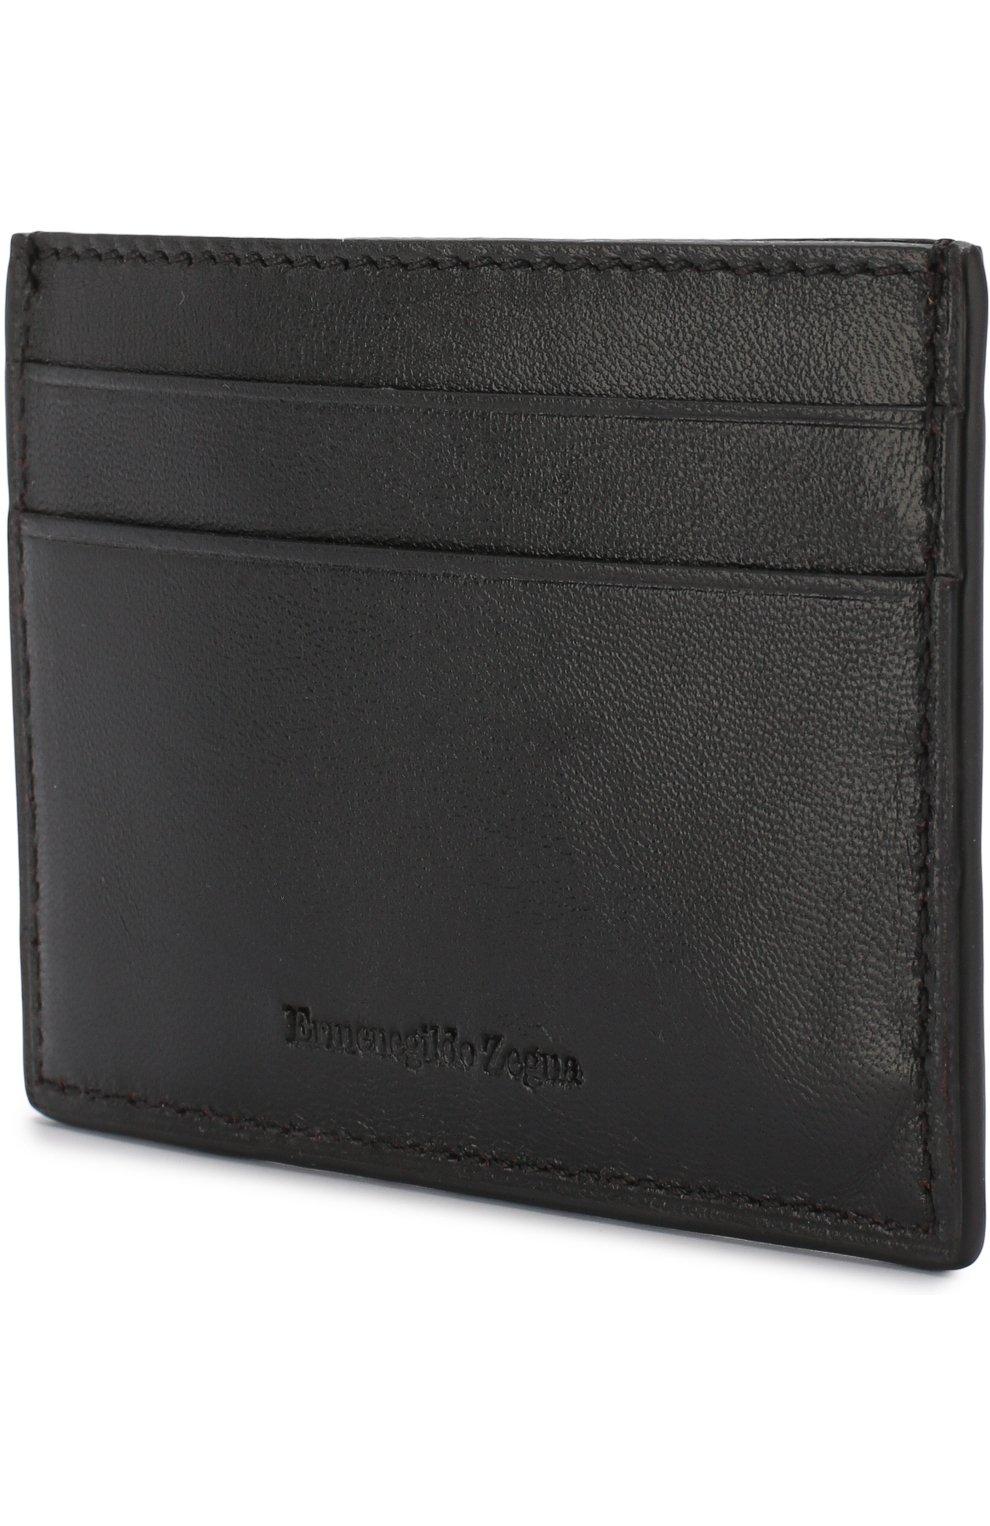 Мужской кожаный футляр для кредитных карт ERMENEGILDO ZEGNA черного цвета, арт. E1259T-AFR | Фото 2